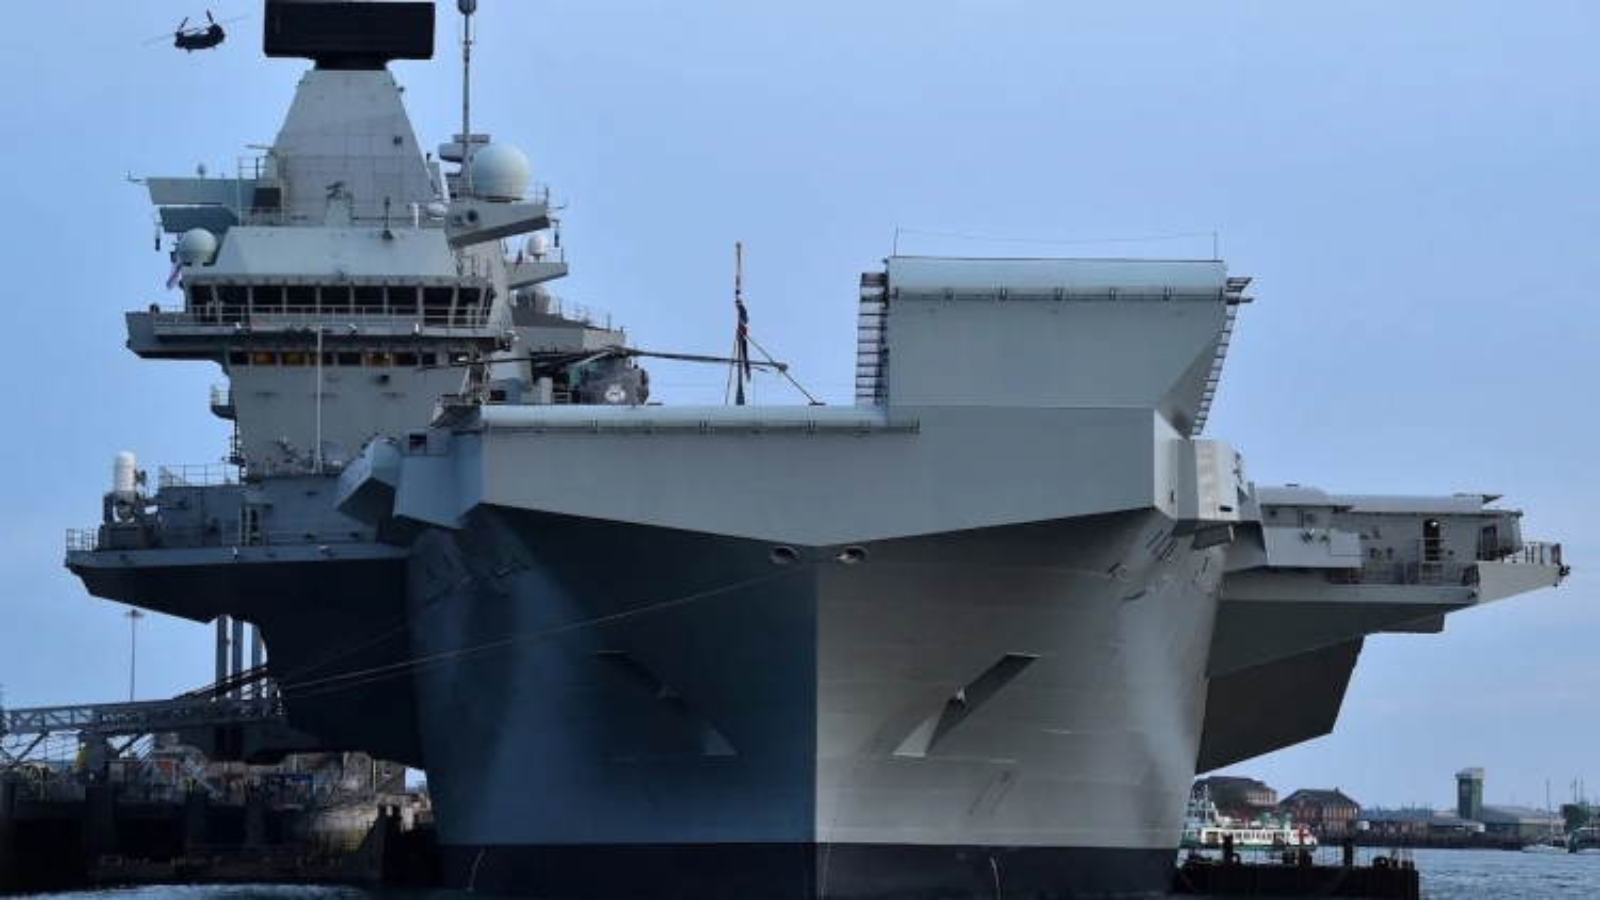 Hải quân Anh thách thức Trung Quốc, thẳng tiến Biển Đông